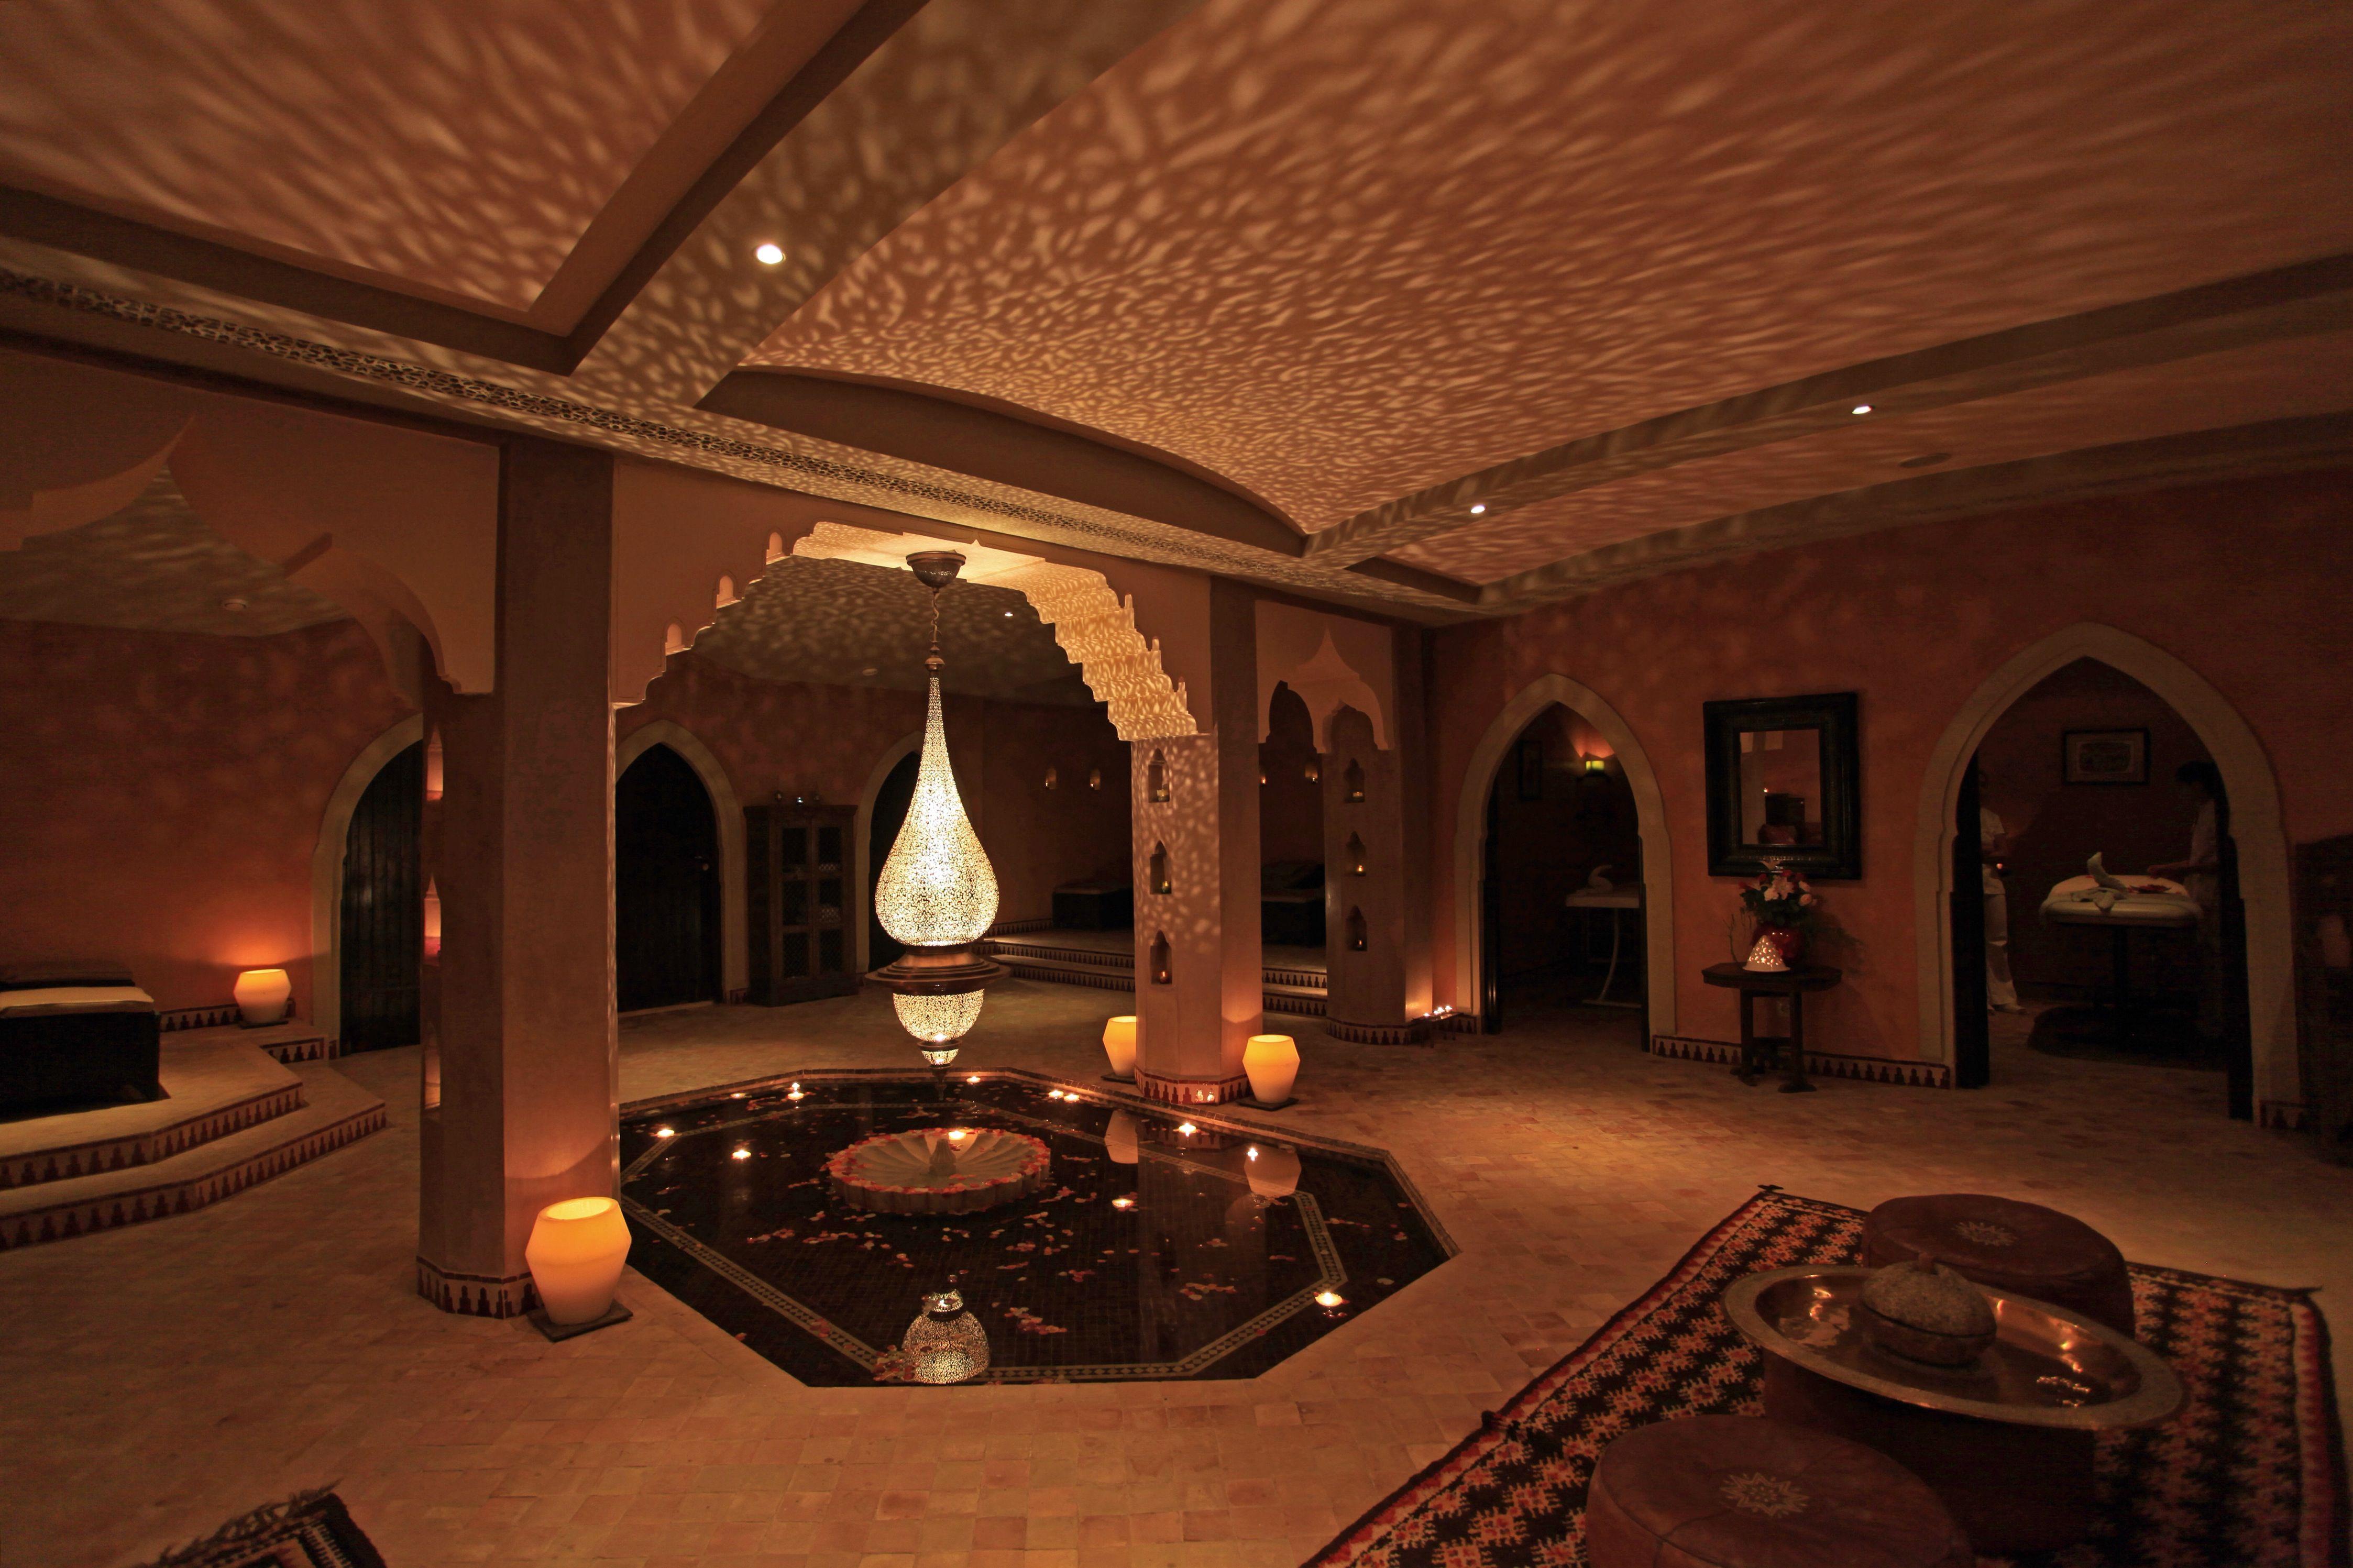 La maison arabe riad de r ve marrakech luxsure - A la maison en arabe ...